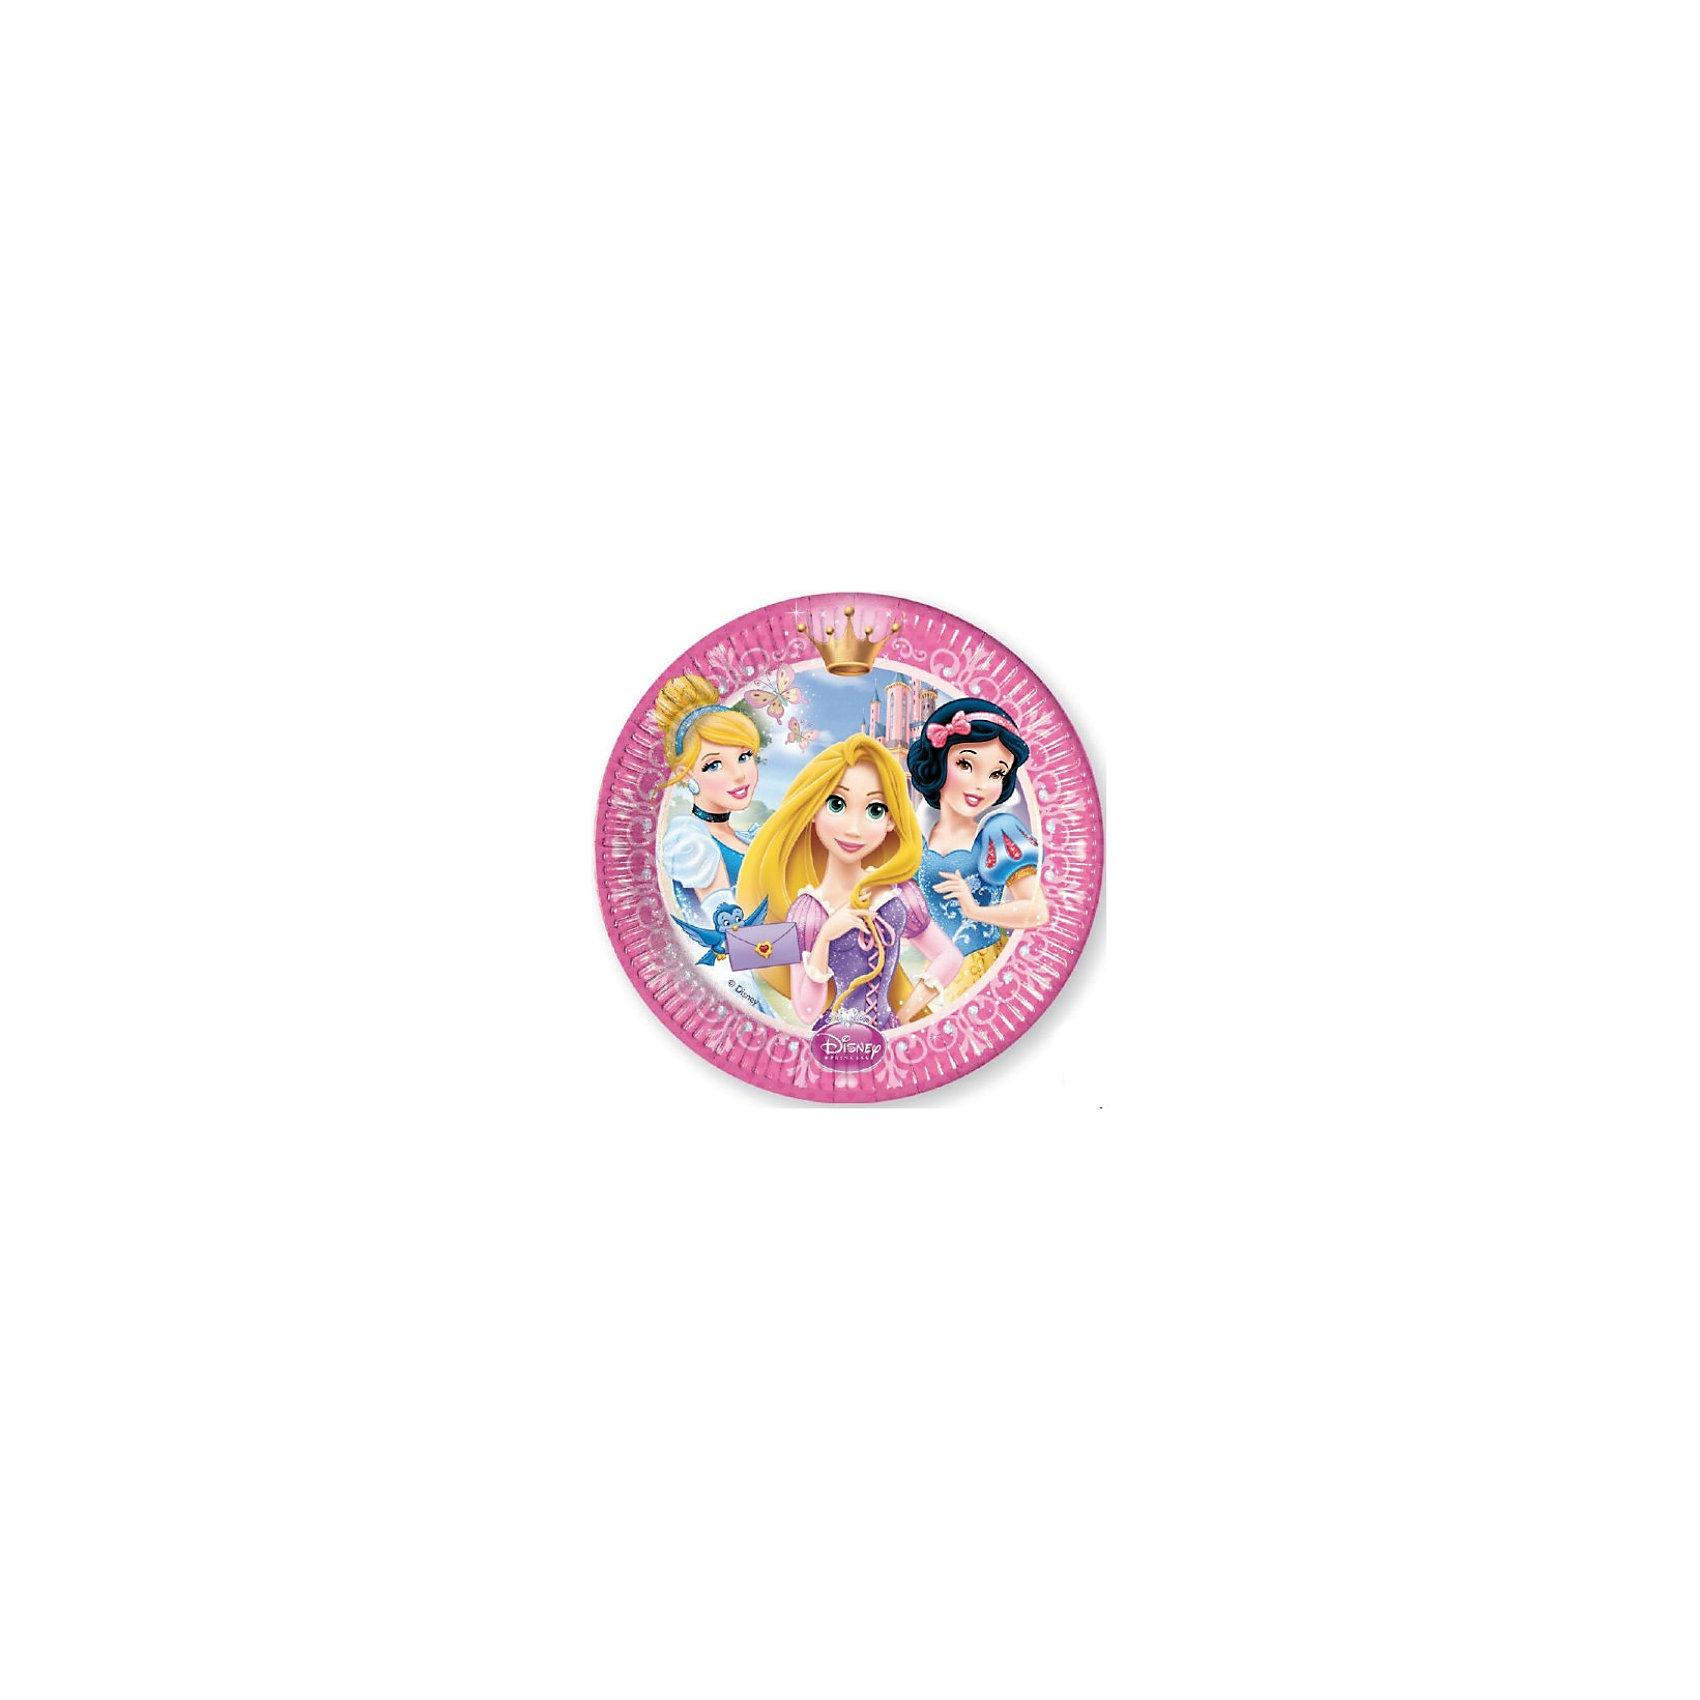 Тарелки Принцессы Дисней - Сказочный мир, 20 см, 8 шт.Тарелки Принцессы Дисней - Сказочный мир 20 см, 8 шт.<br>Принцессы Дисней - Сказочный мир станут отличным дополнением для детского праздника в стиле Disney. Тарелки выполнены из качественных и безопасных материалов, не токсичны и безопасны для здоровья Вашей малышки и ее гостей. <br>Размер: 20 см. <br>Количество: 8 шт. <br>Для детей от 3 лет. <br><br><br>Дополнительная информация:<br><br>200х200х20 мм<br><br>Поднимет настроение всей компании Вашего малыша!<br>Легко приобрести в нашем интернет-магазине!<br><br>Ширина мм: 200<br>Глубина мм: 200<br>Высота мм: 20<br>Вес г: 140<br>Возраст от месяцев: 36<br>Возраст до месяцев: 84<br>Пол: Женский<br>Возраст: Детский<br>SKU: 3360114